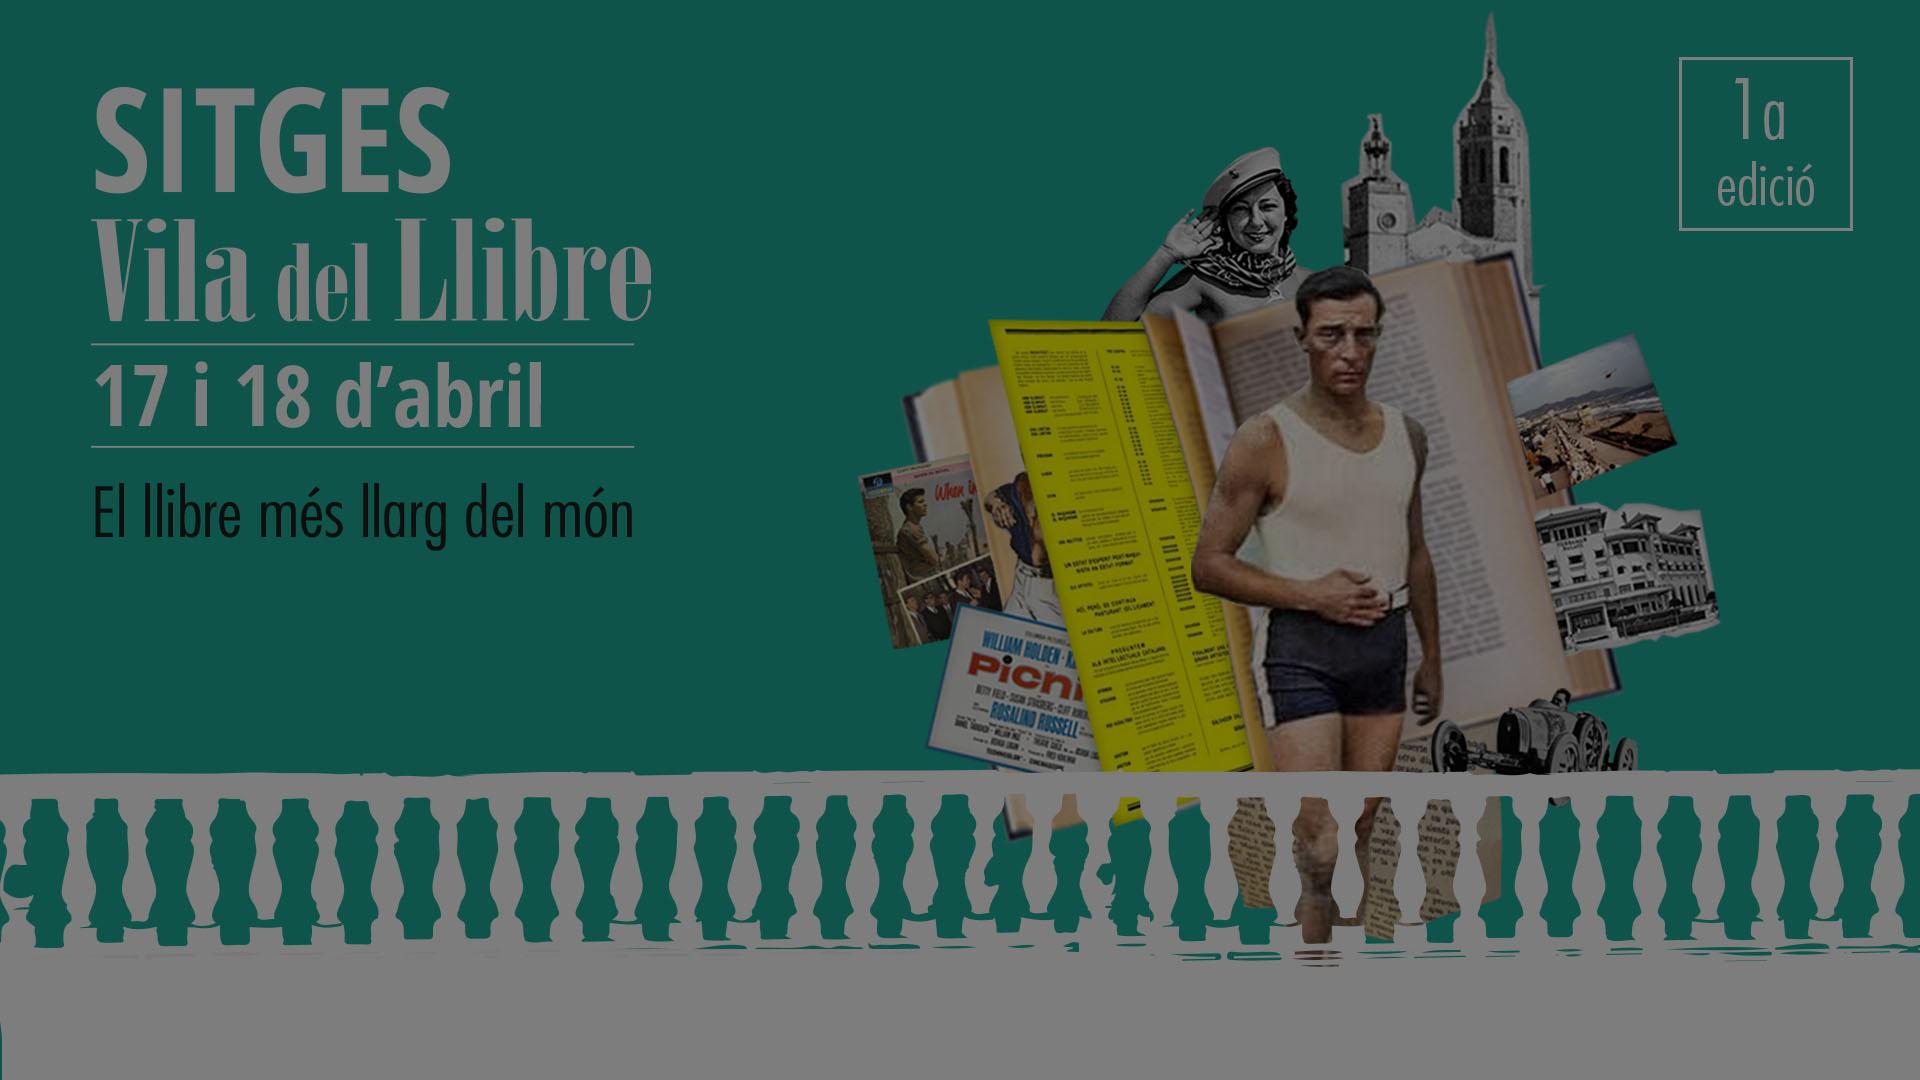 Sitges, Vila del Llibre 2021